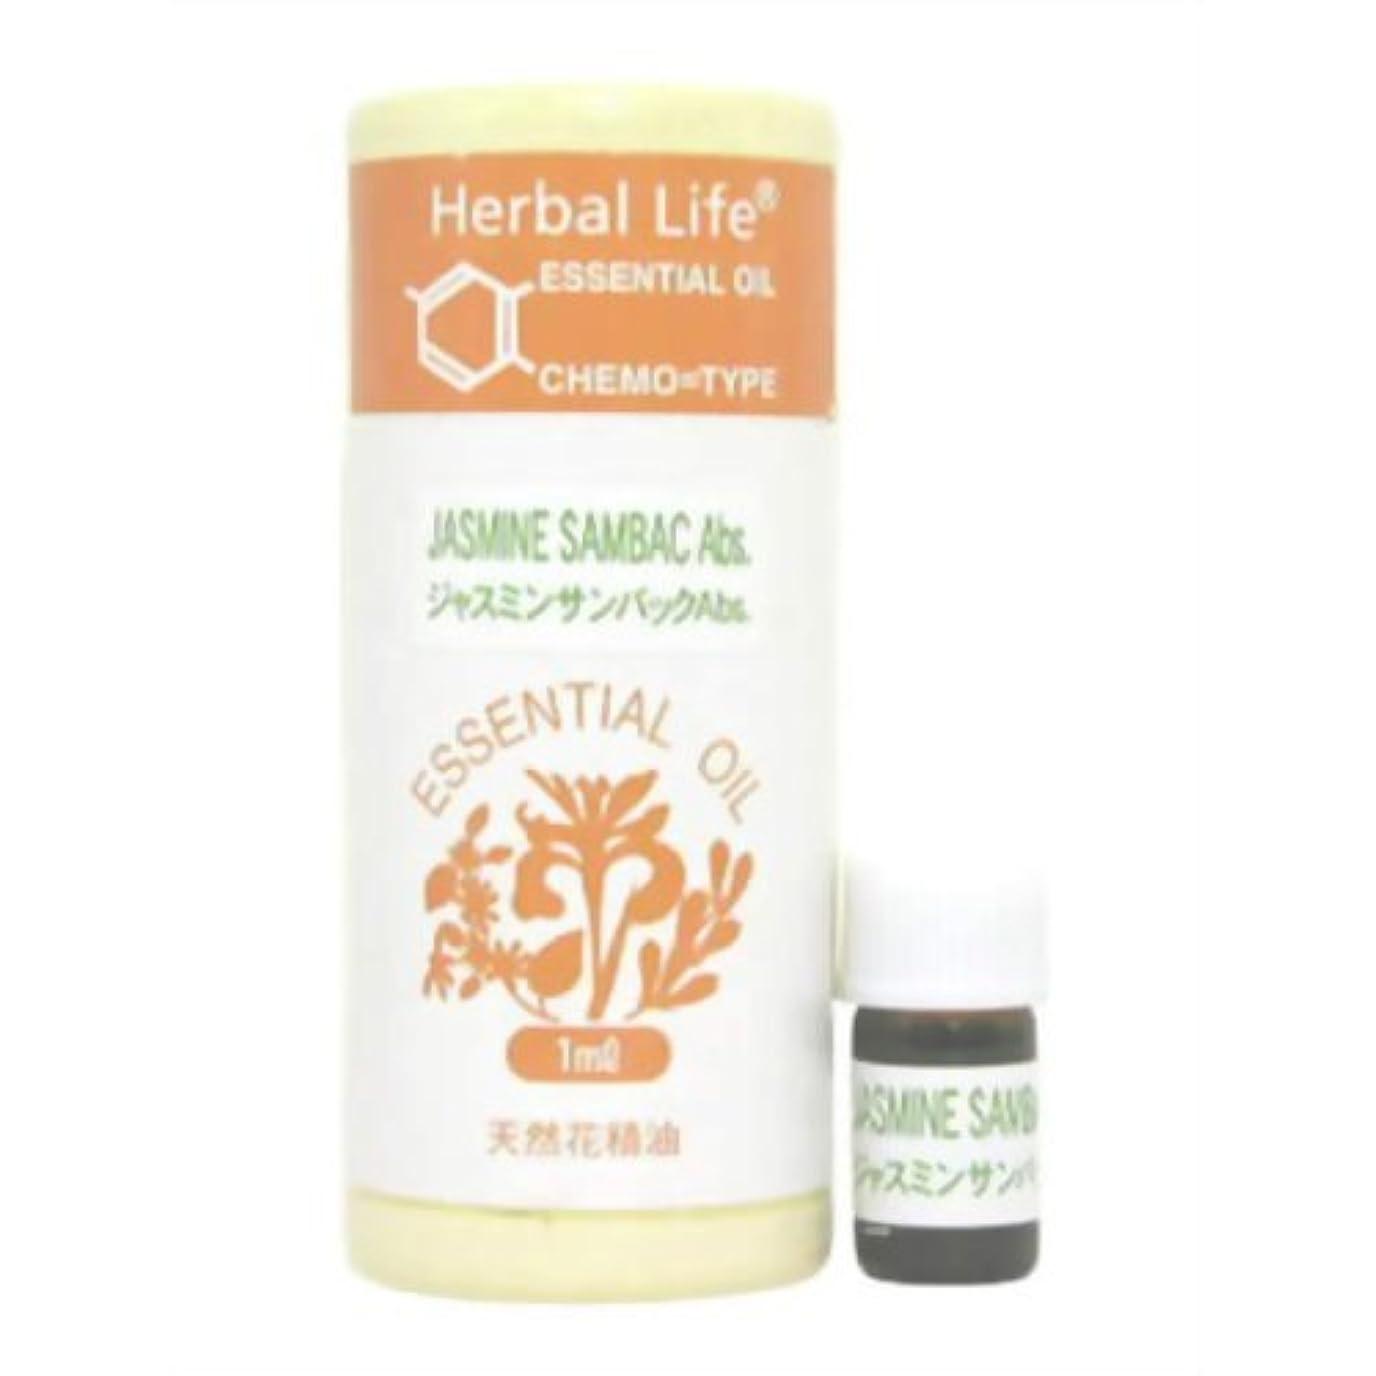 影のある学習者賛美歌Herbal Life ジャスミンサンバックAbs 1ml